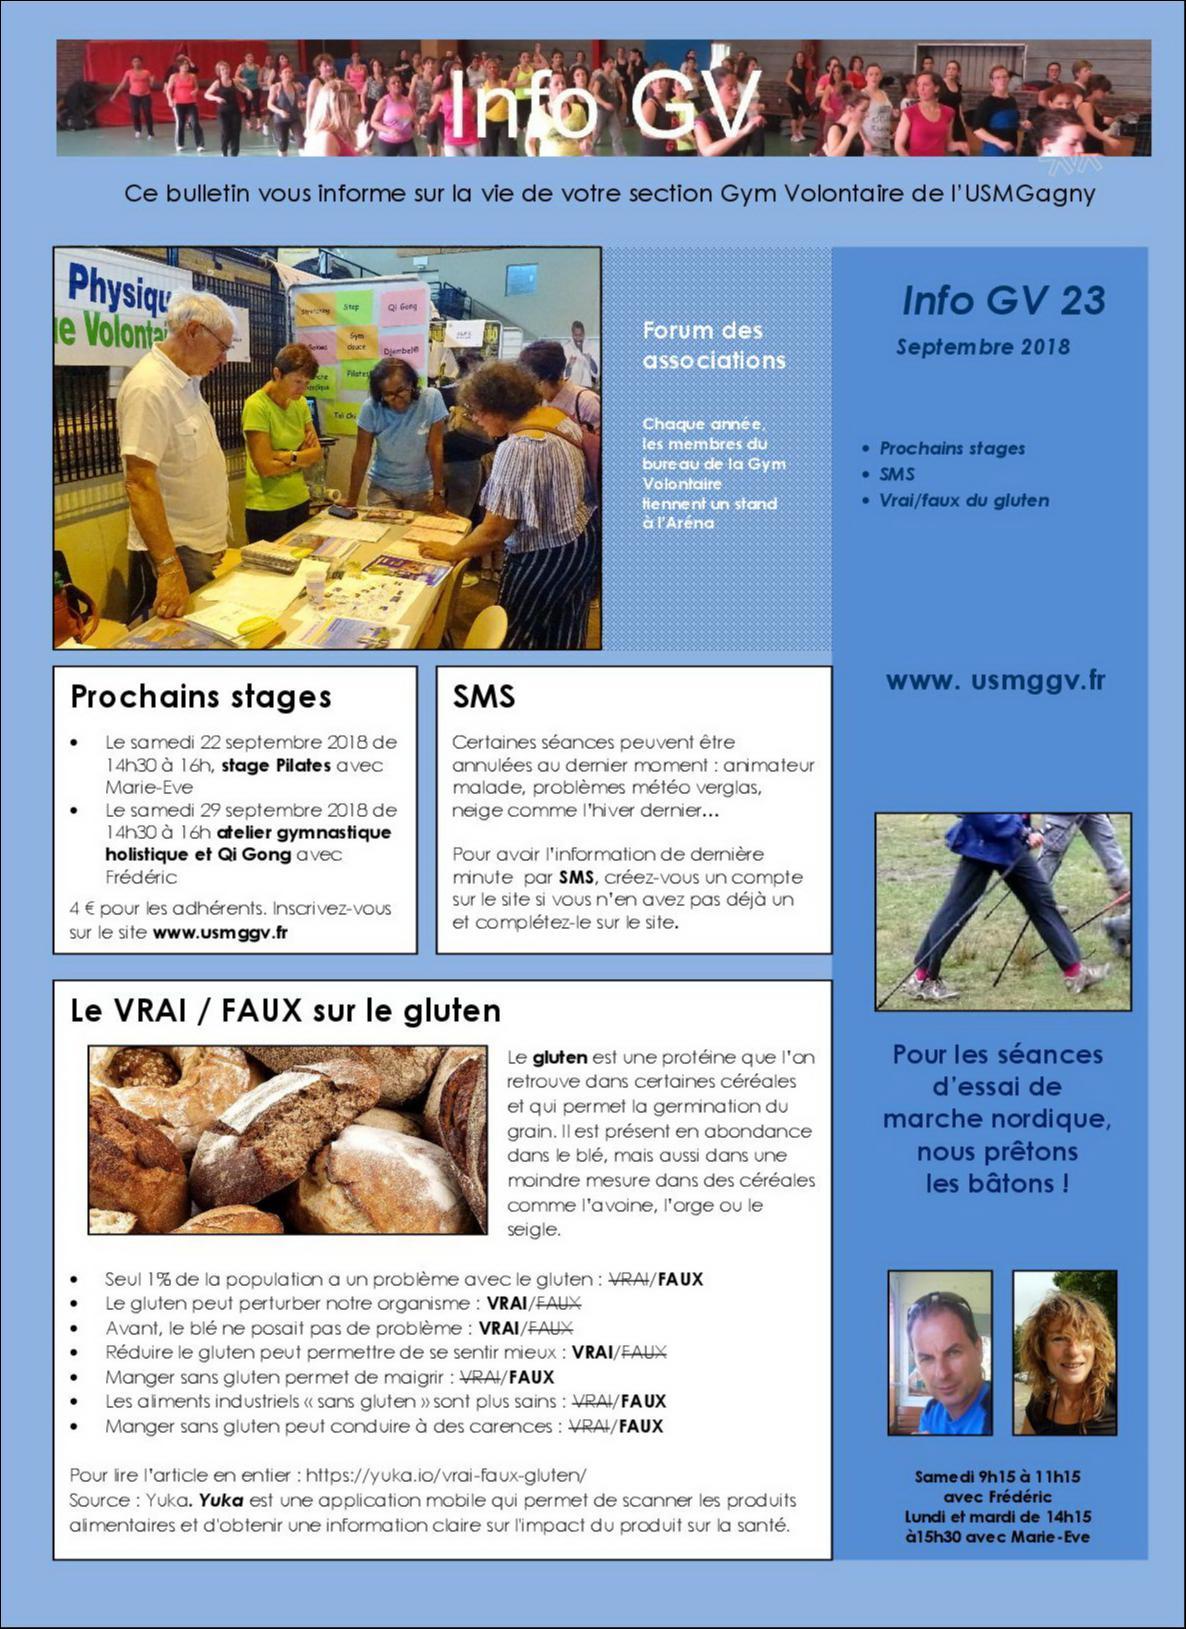 Info gv 23